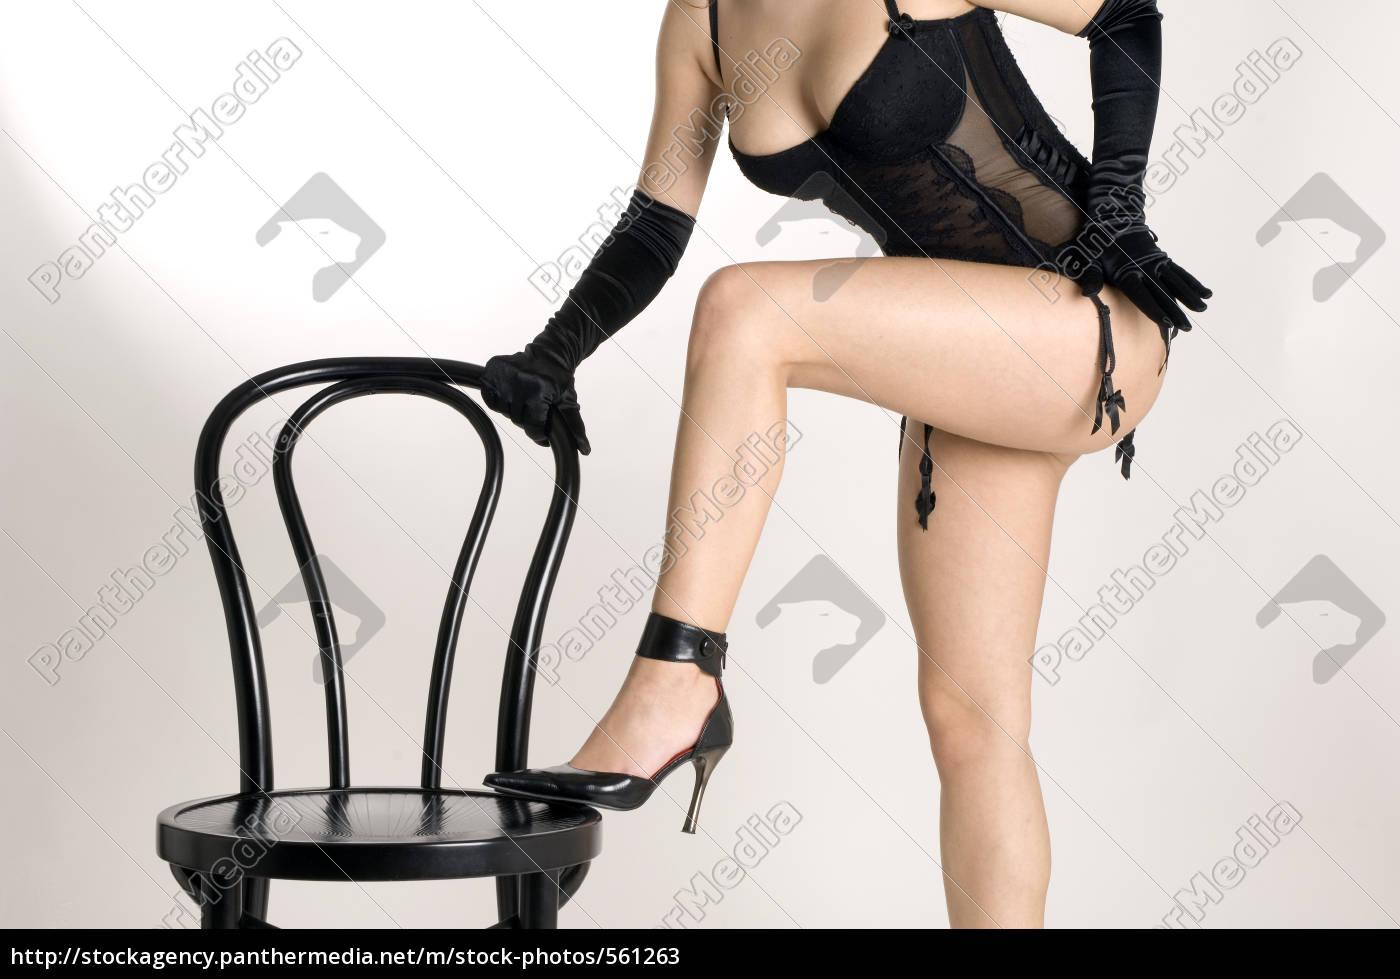 woman, in, lingerie - 561263